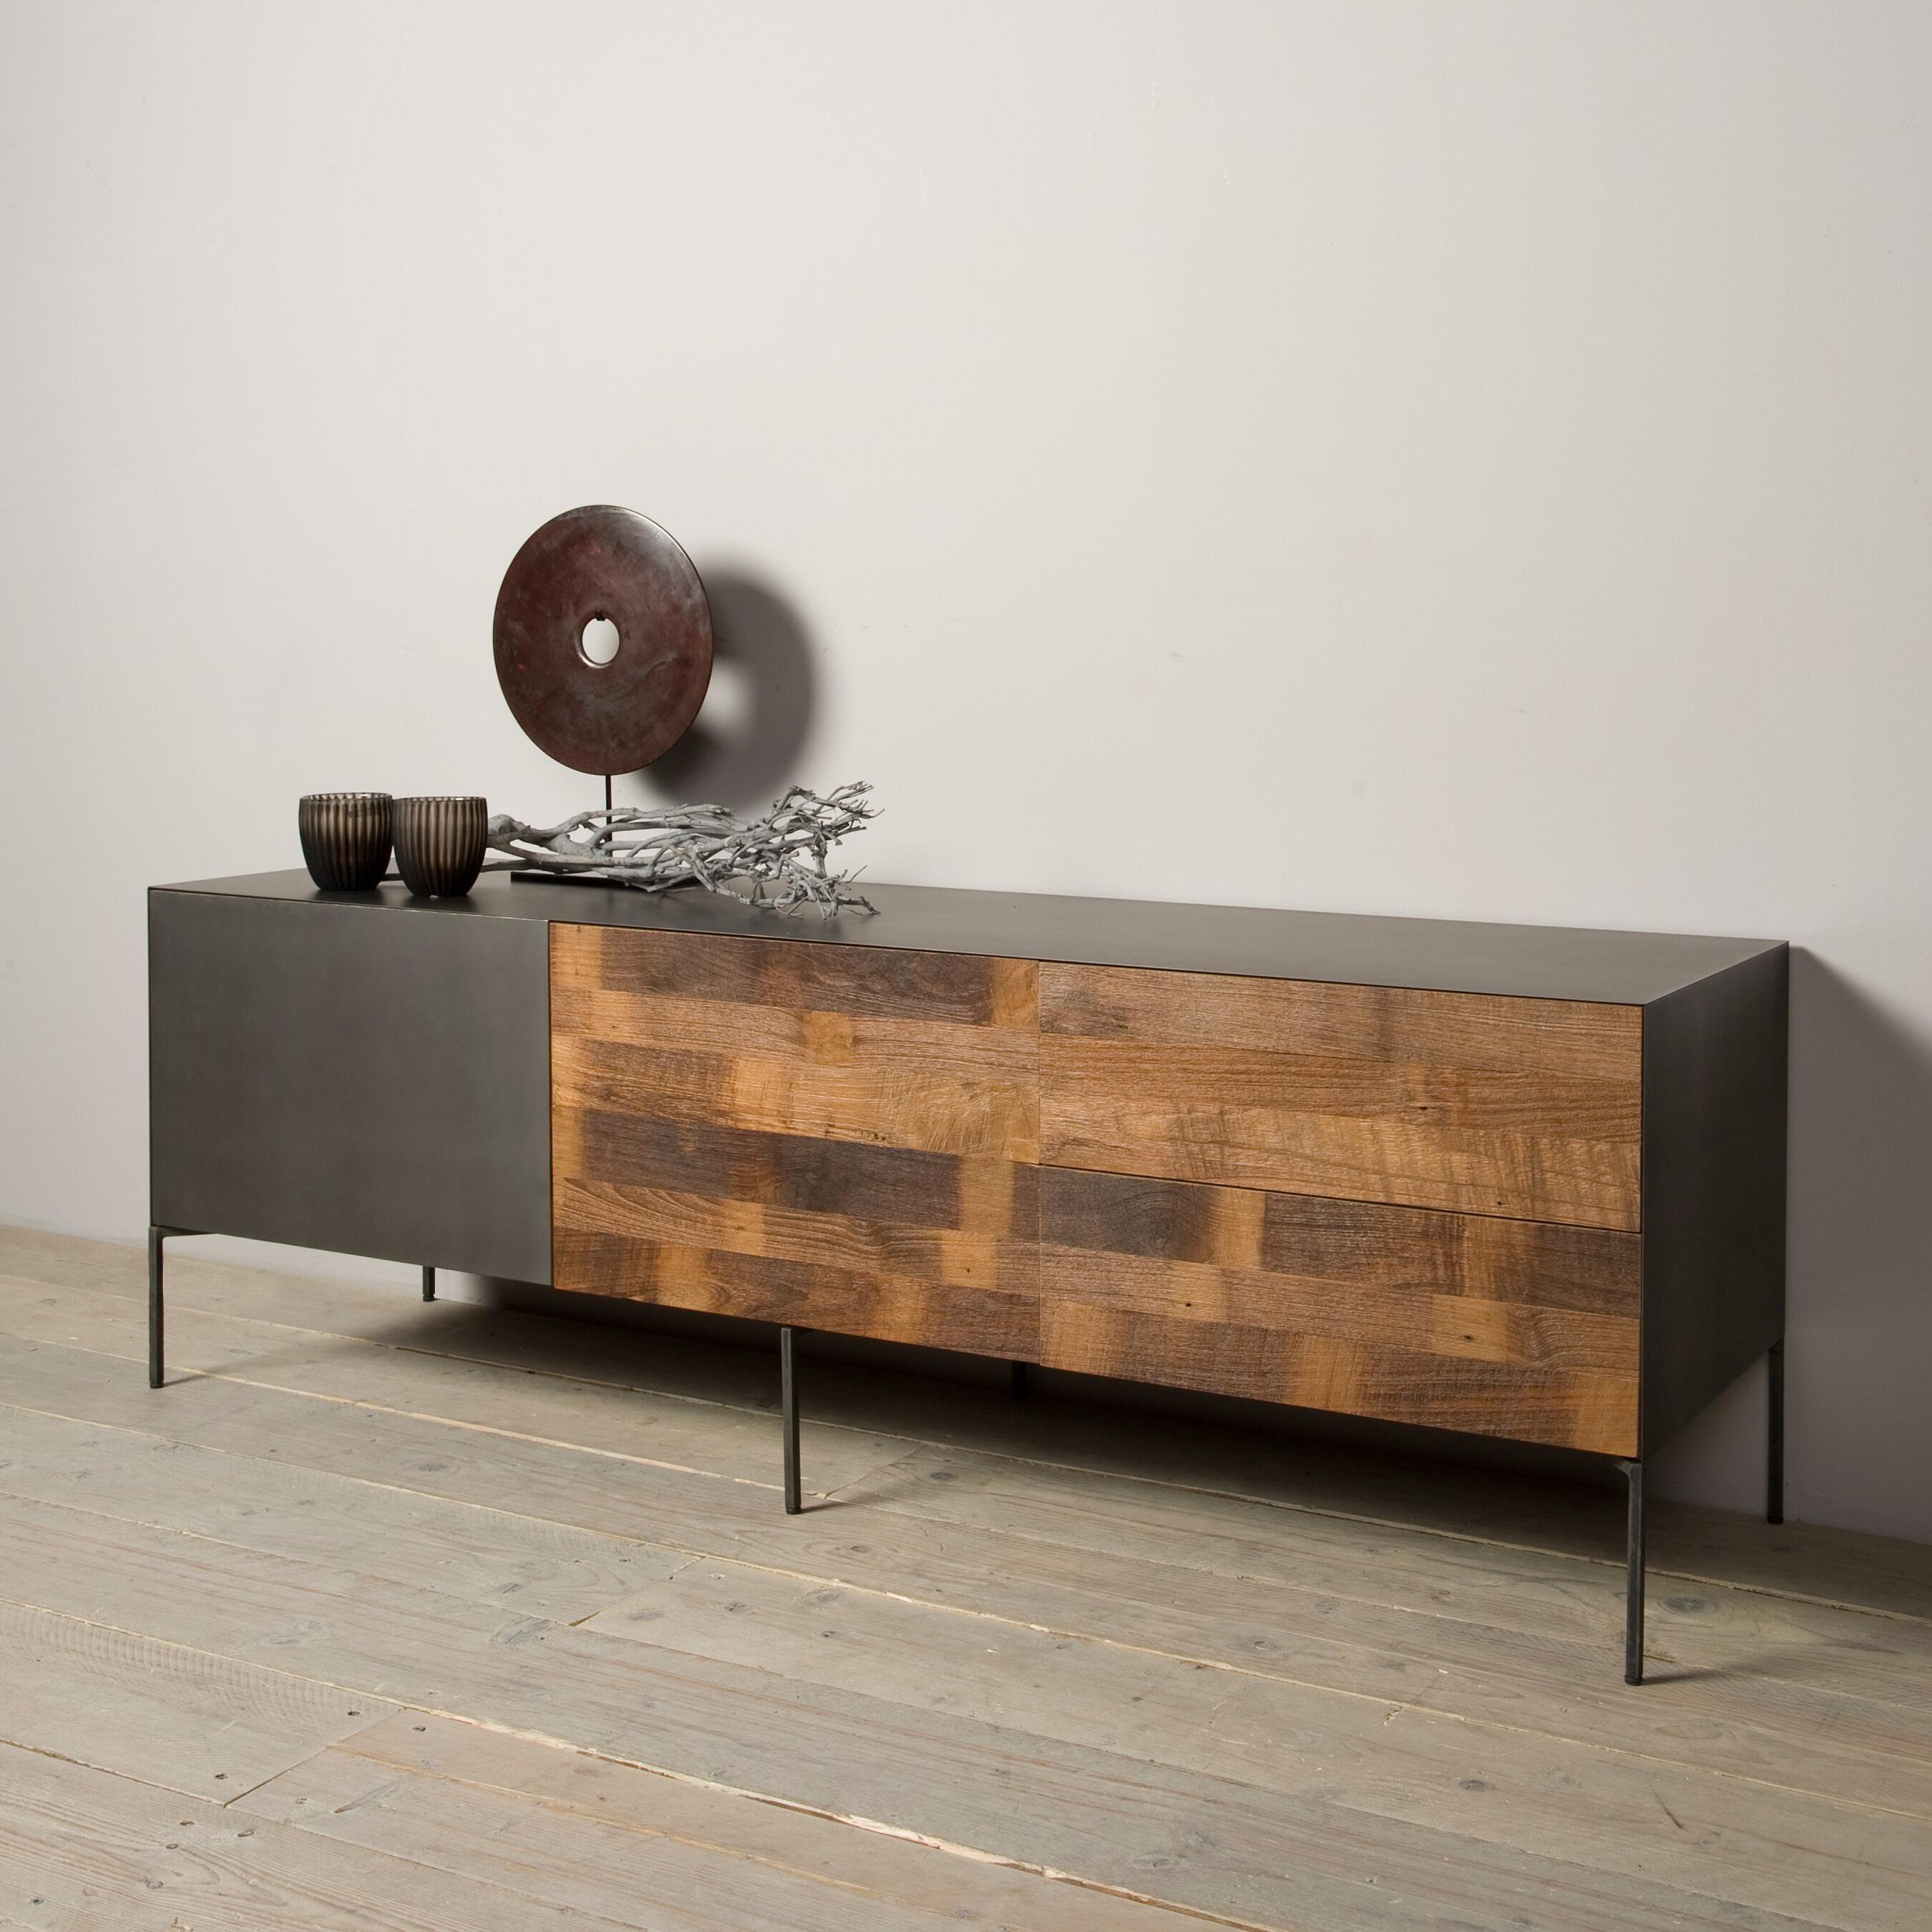 Tower Living Tv-meubel 'Pandora' 165cm Kasten | Tv-Meubels & Tv-Kasten vergelijken doe je het voordeligst hier bij Meubelpartner